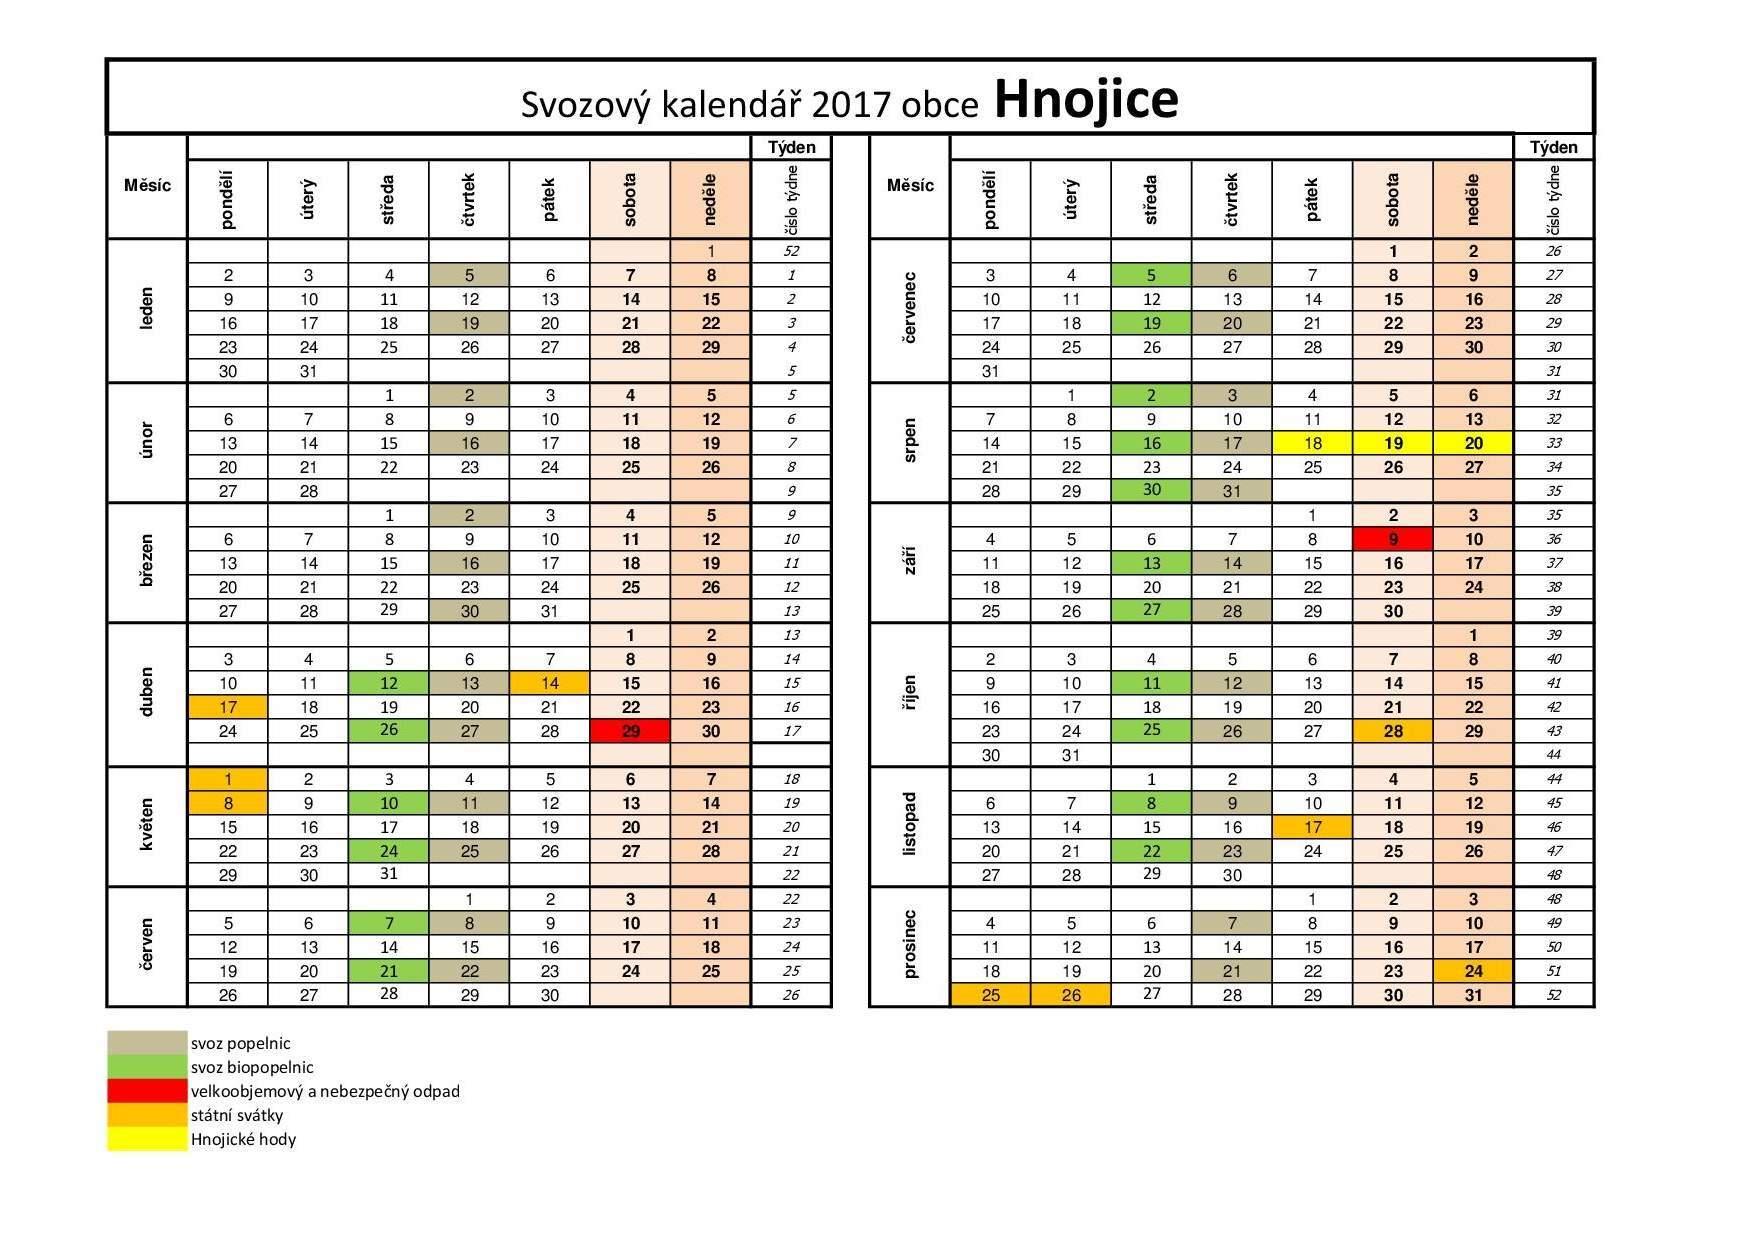 Svozový kalendáø 2017